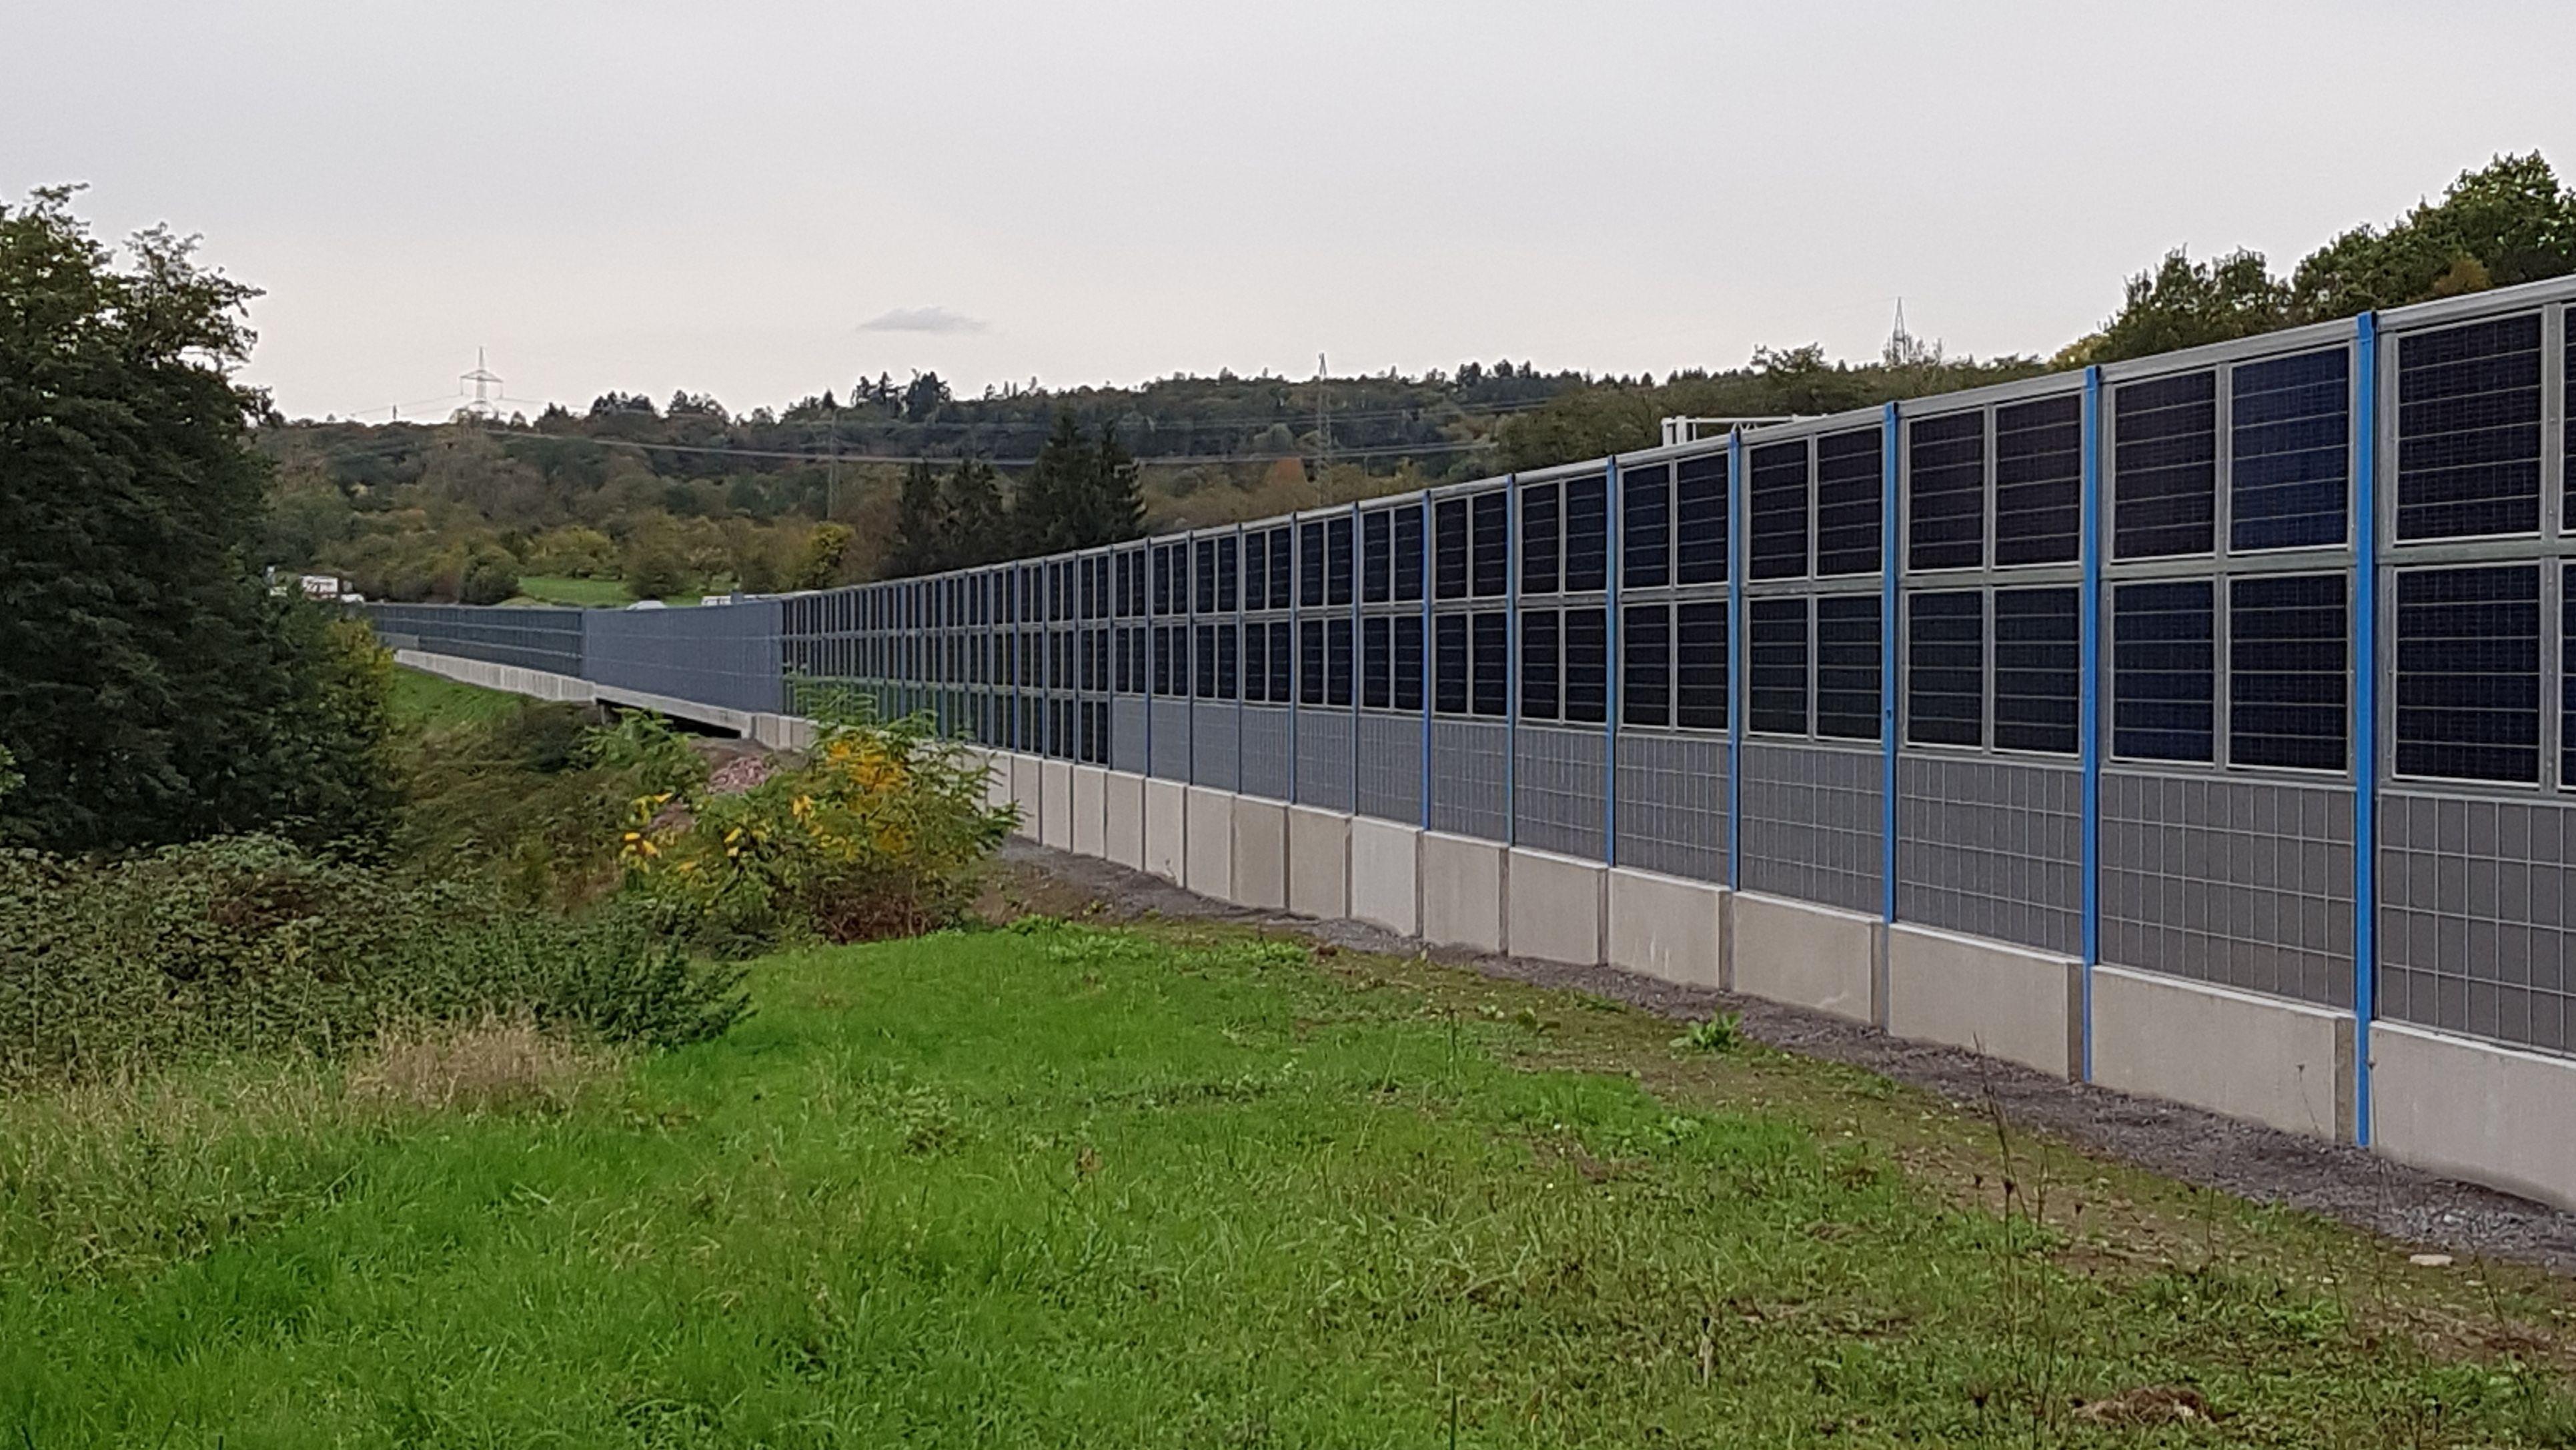 Lärmschutzwand  mit Photovoltaik-Elementen an der A3